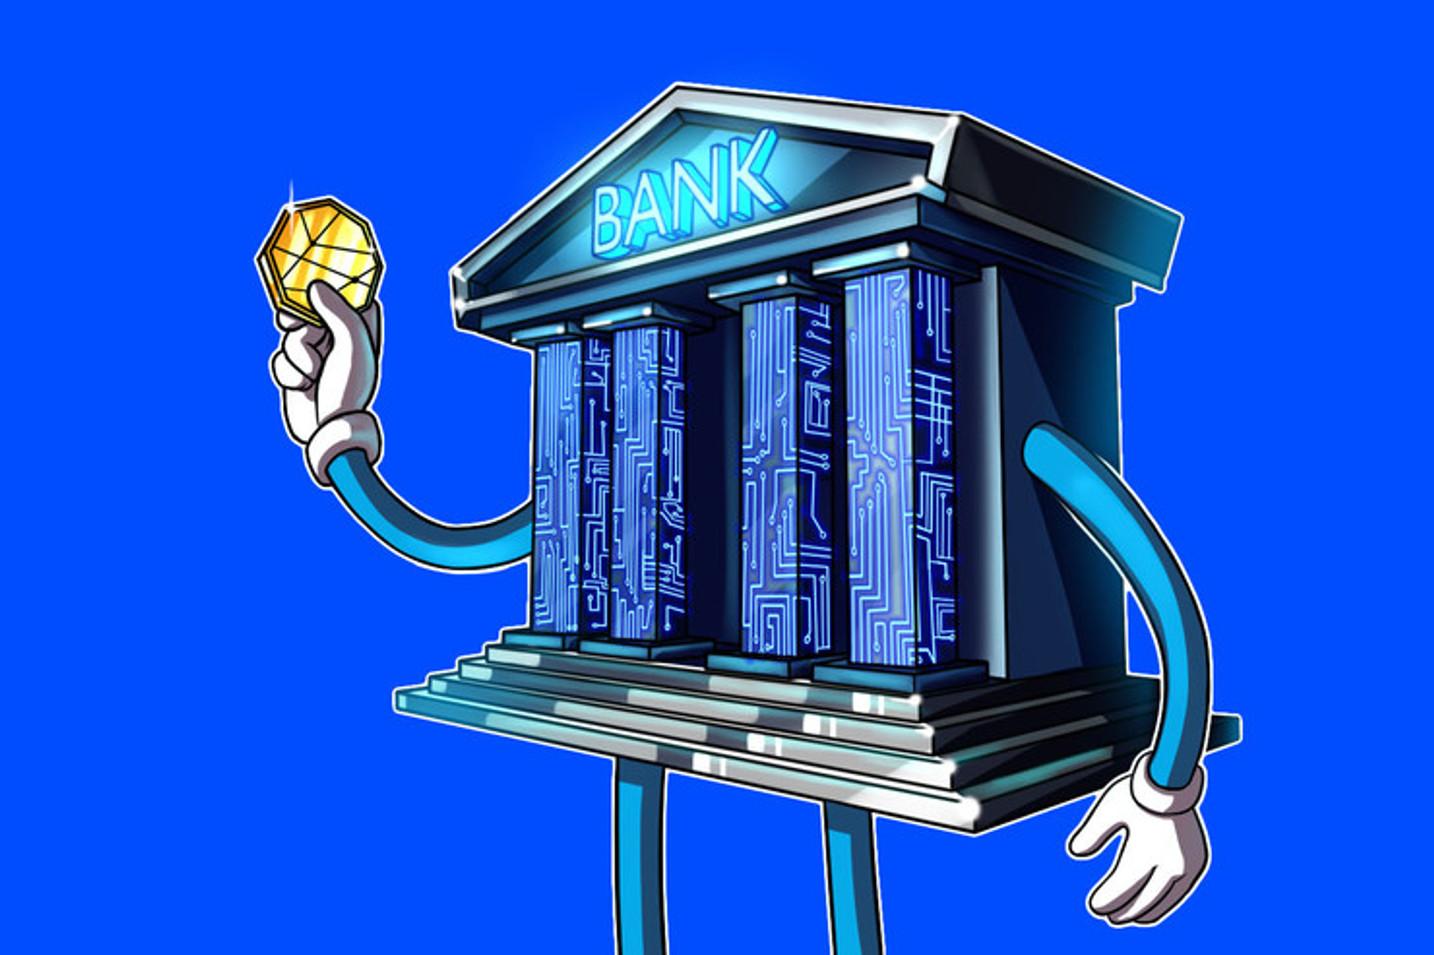 Banco Central do Brasil autoriza capital estrangeiro em instituições financeiras no país, medida pode 'abrir' bancos ao Bitcoin